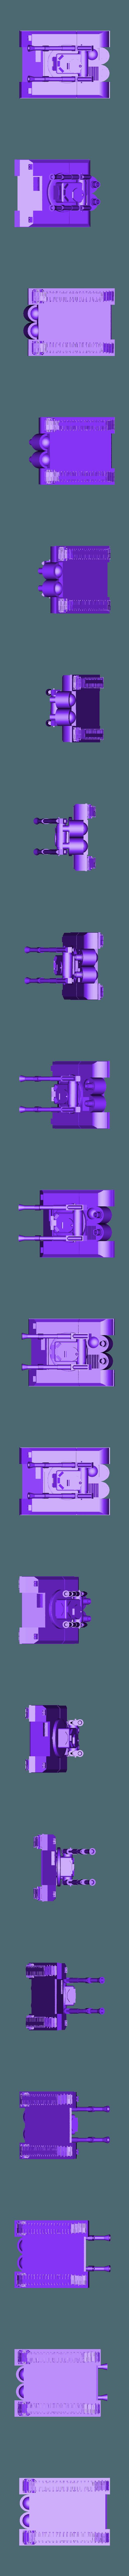 complete.stl Télécharger fichier STL gratuit ork / orc Flak tank 28mm wargames véhicule • Modèle imprimable en 3D, redstarkits